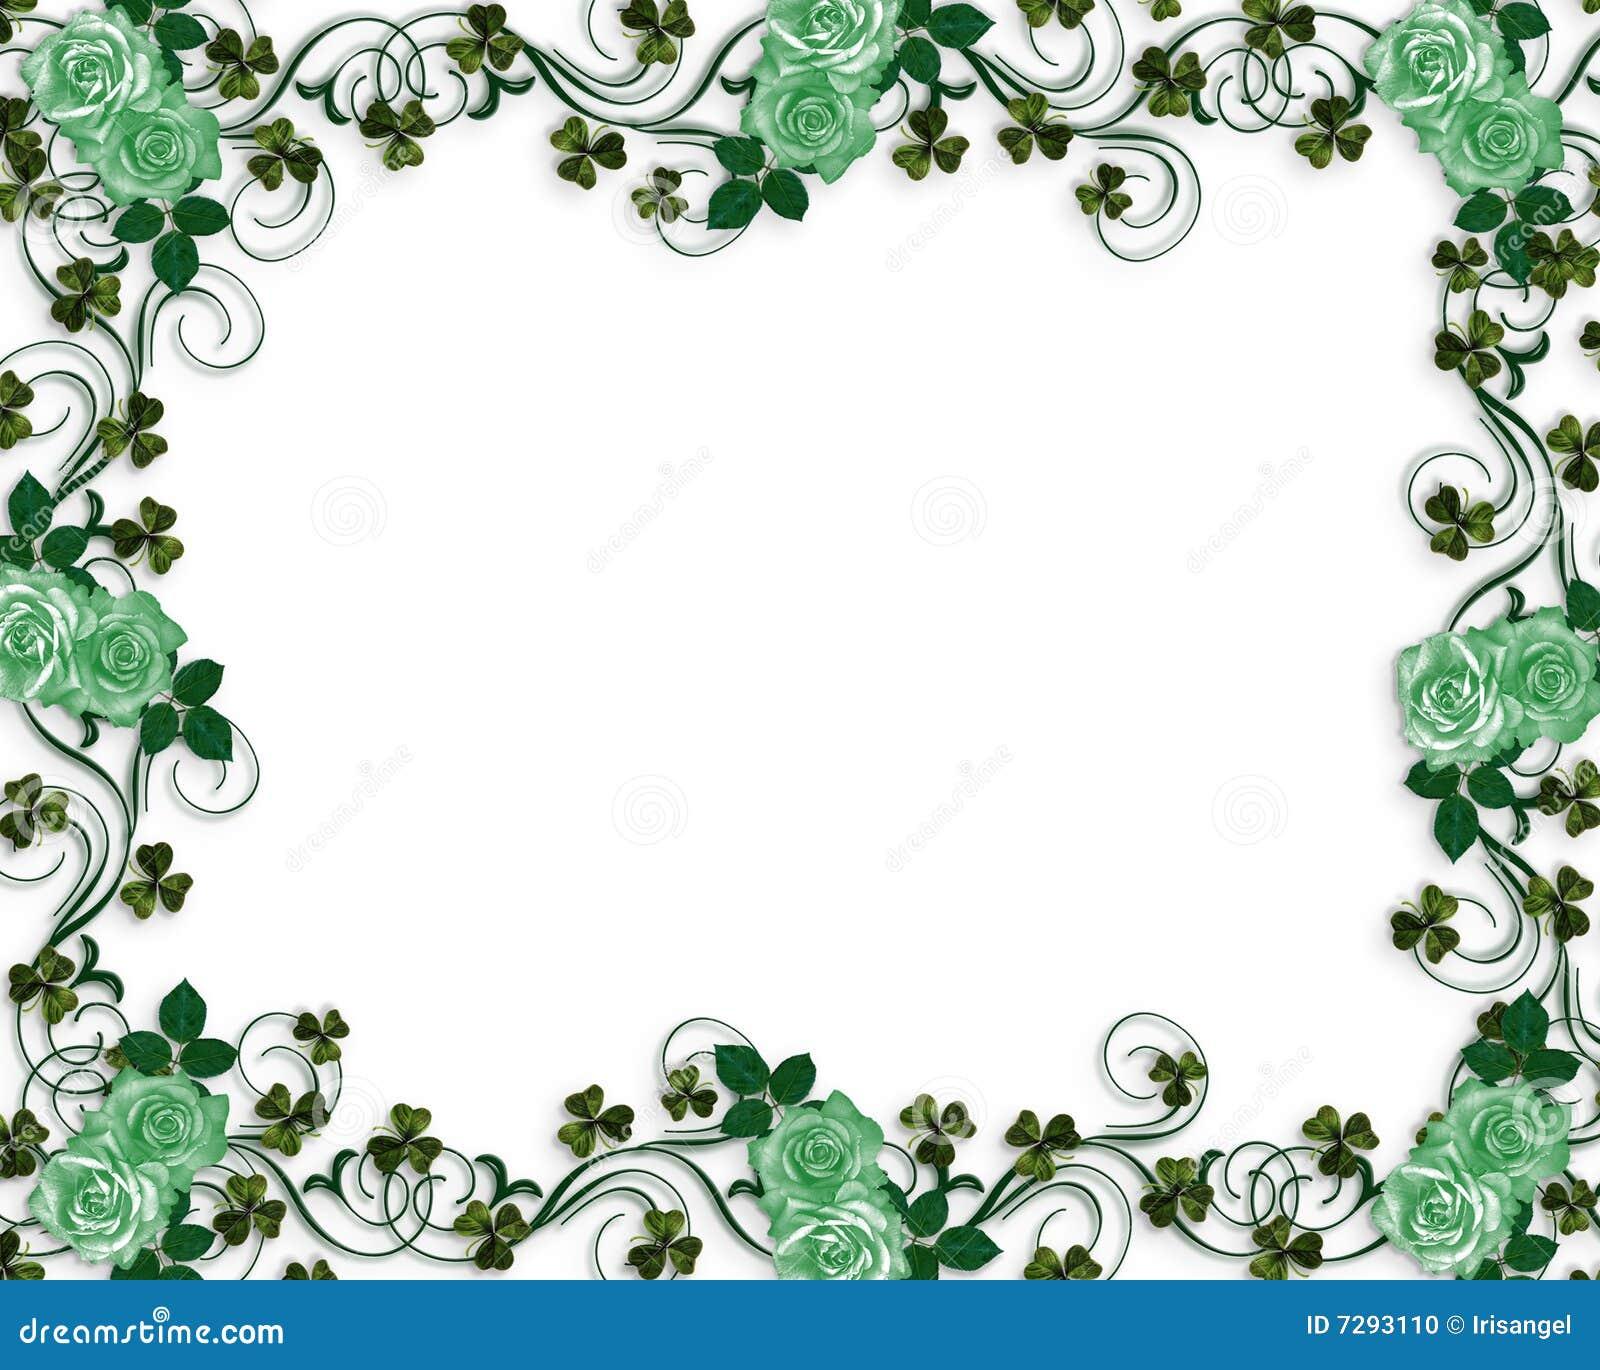 Irish Roses Wedding Border Stock Photo